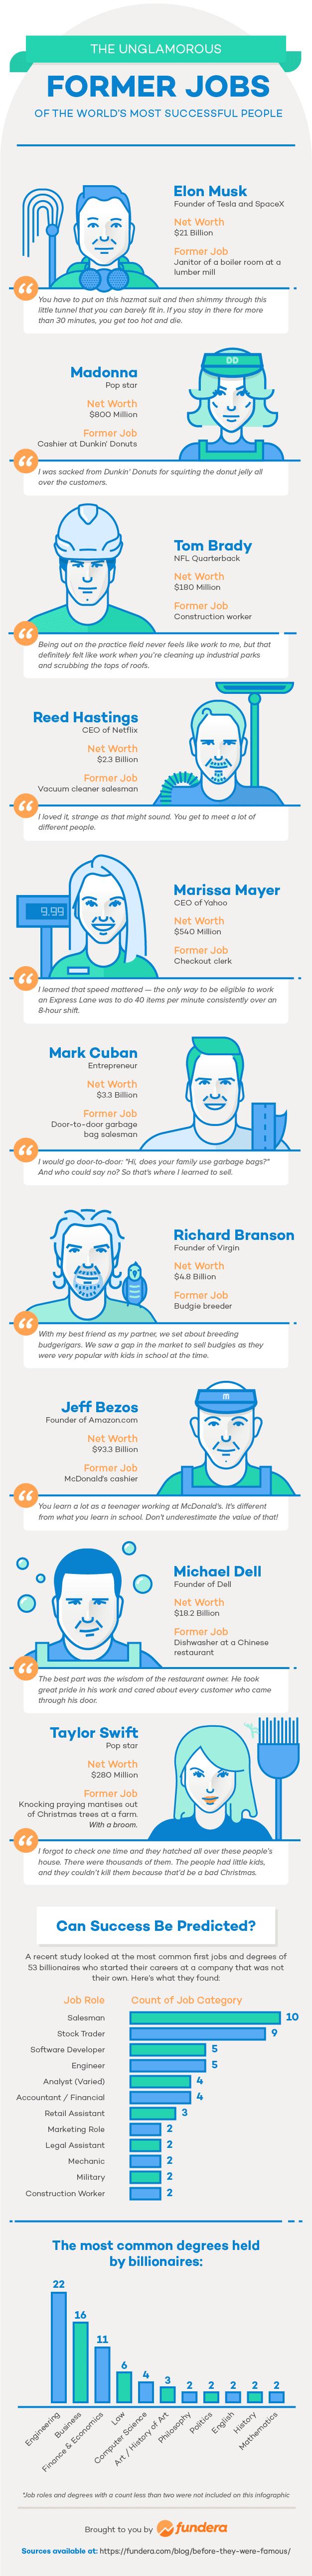 Primeros empleos de personas exitosas